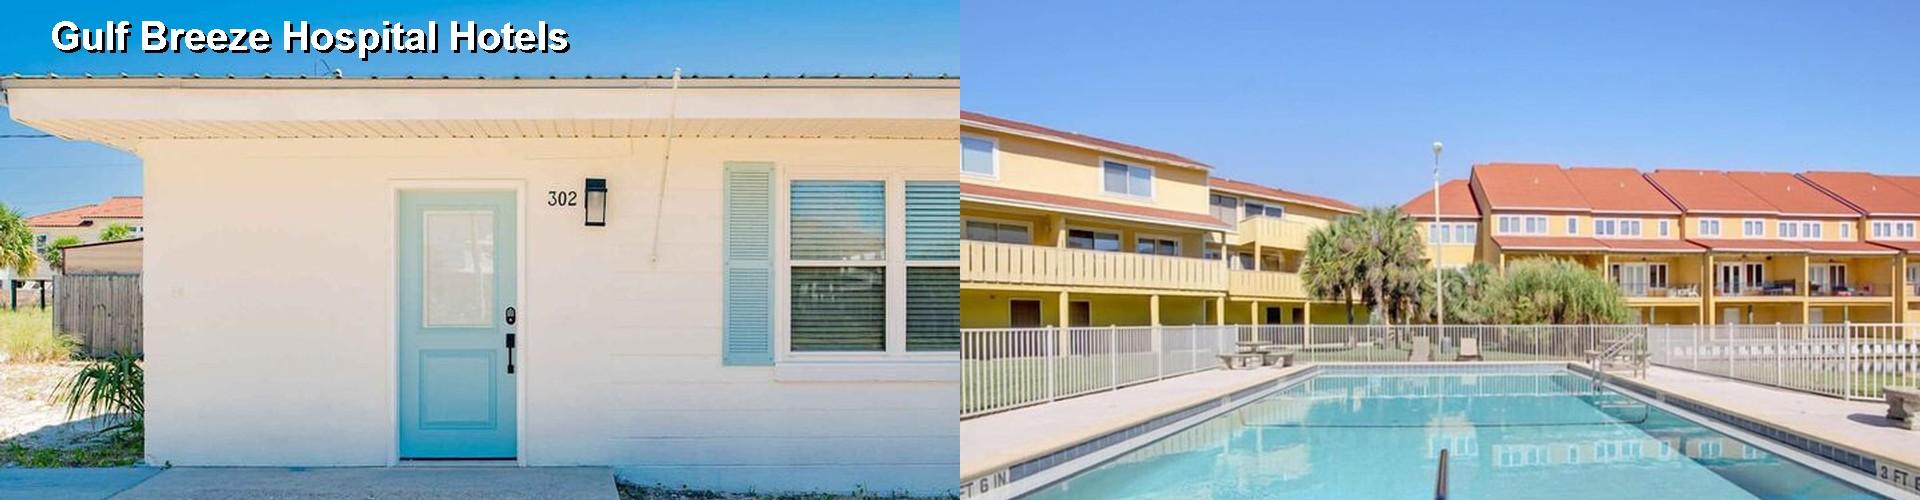 5 Best Hotels Near Gulf Breeze Hospital